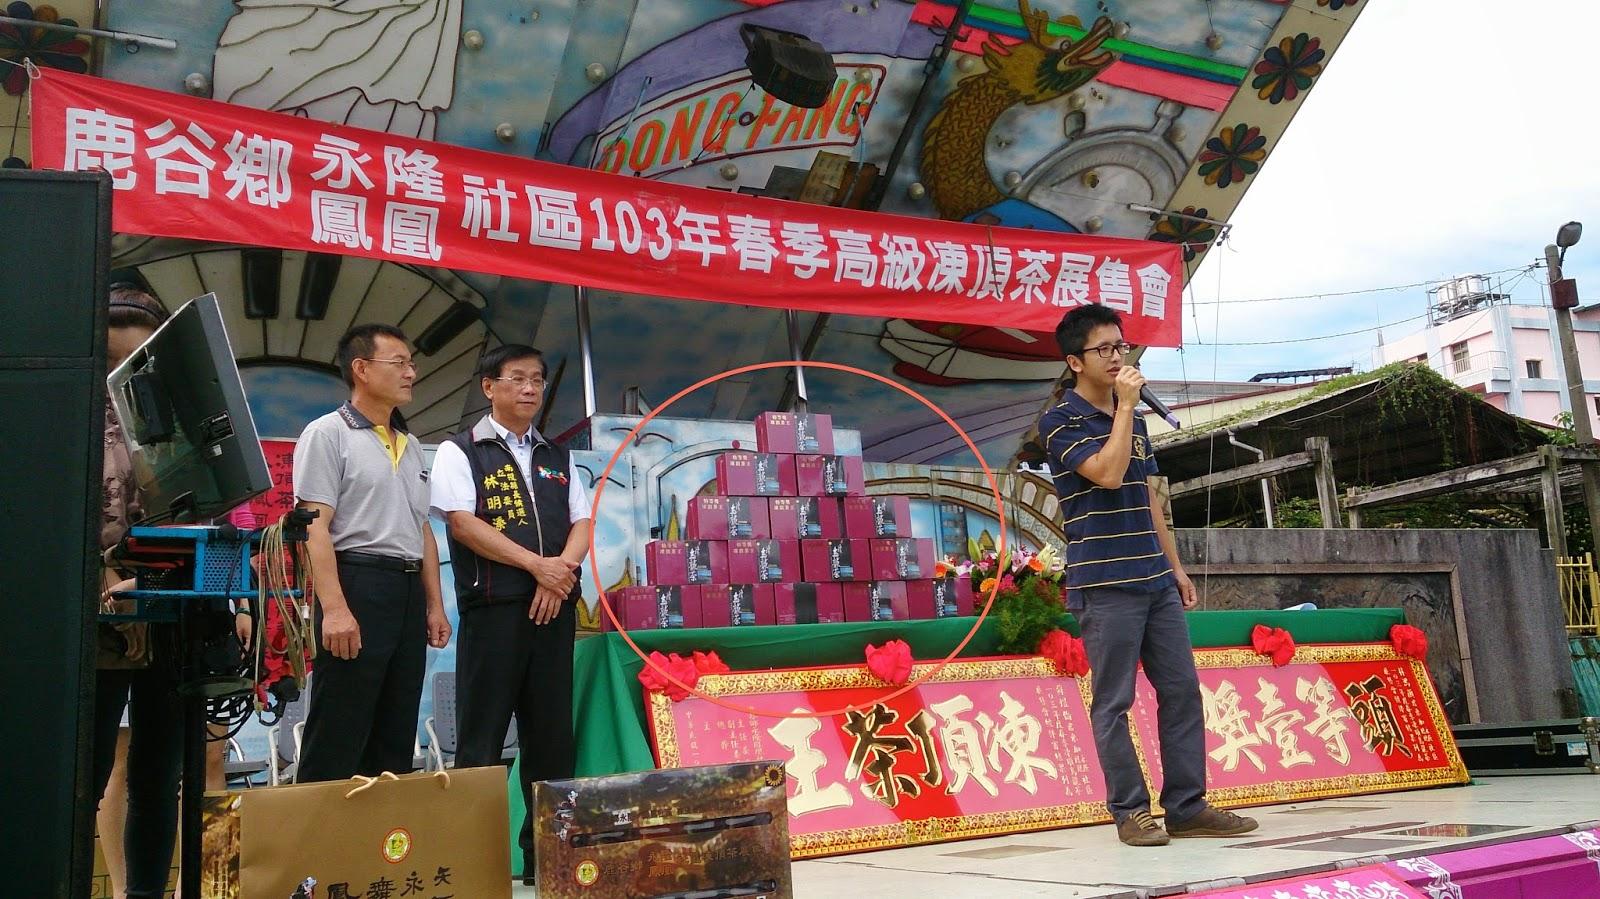 永隆鳳凰社區比賽茶展售會